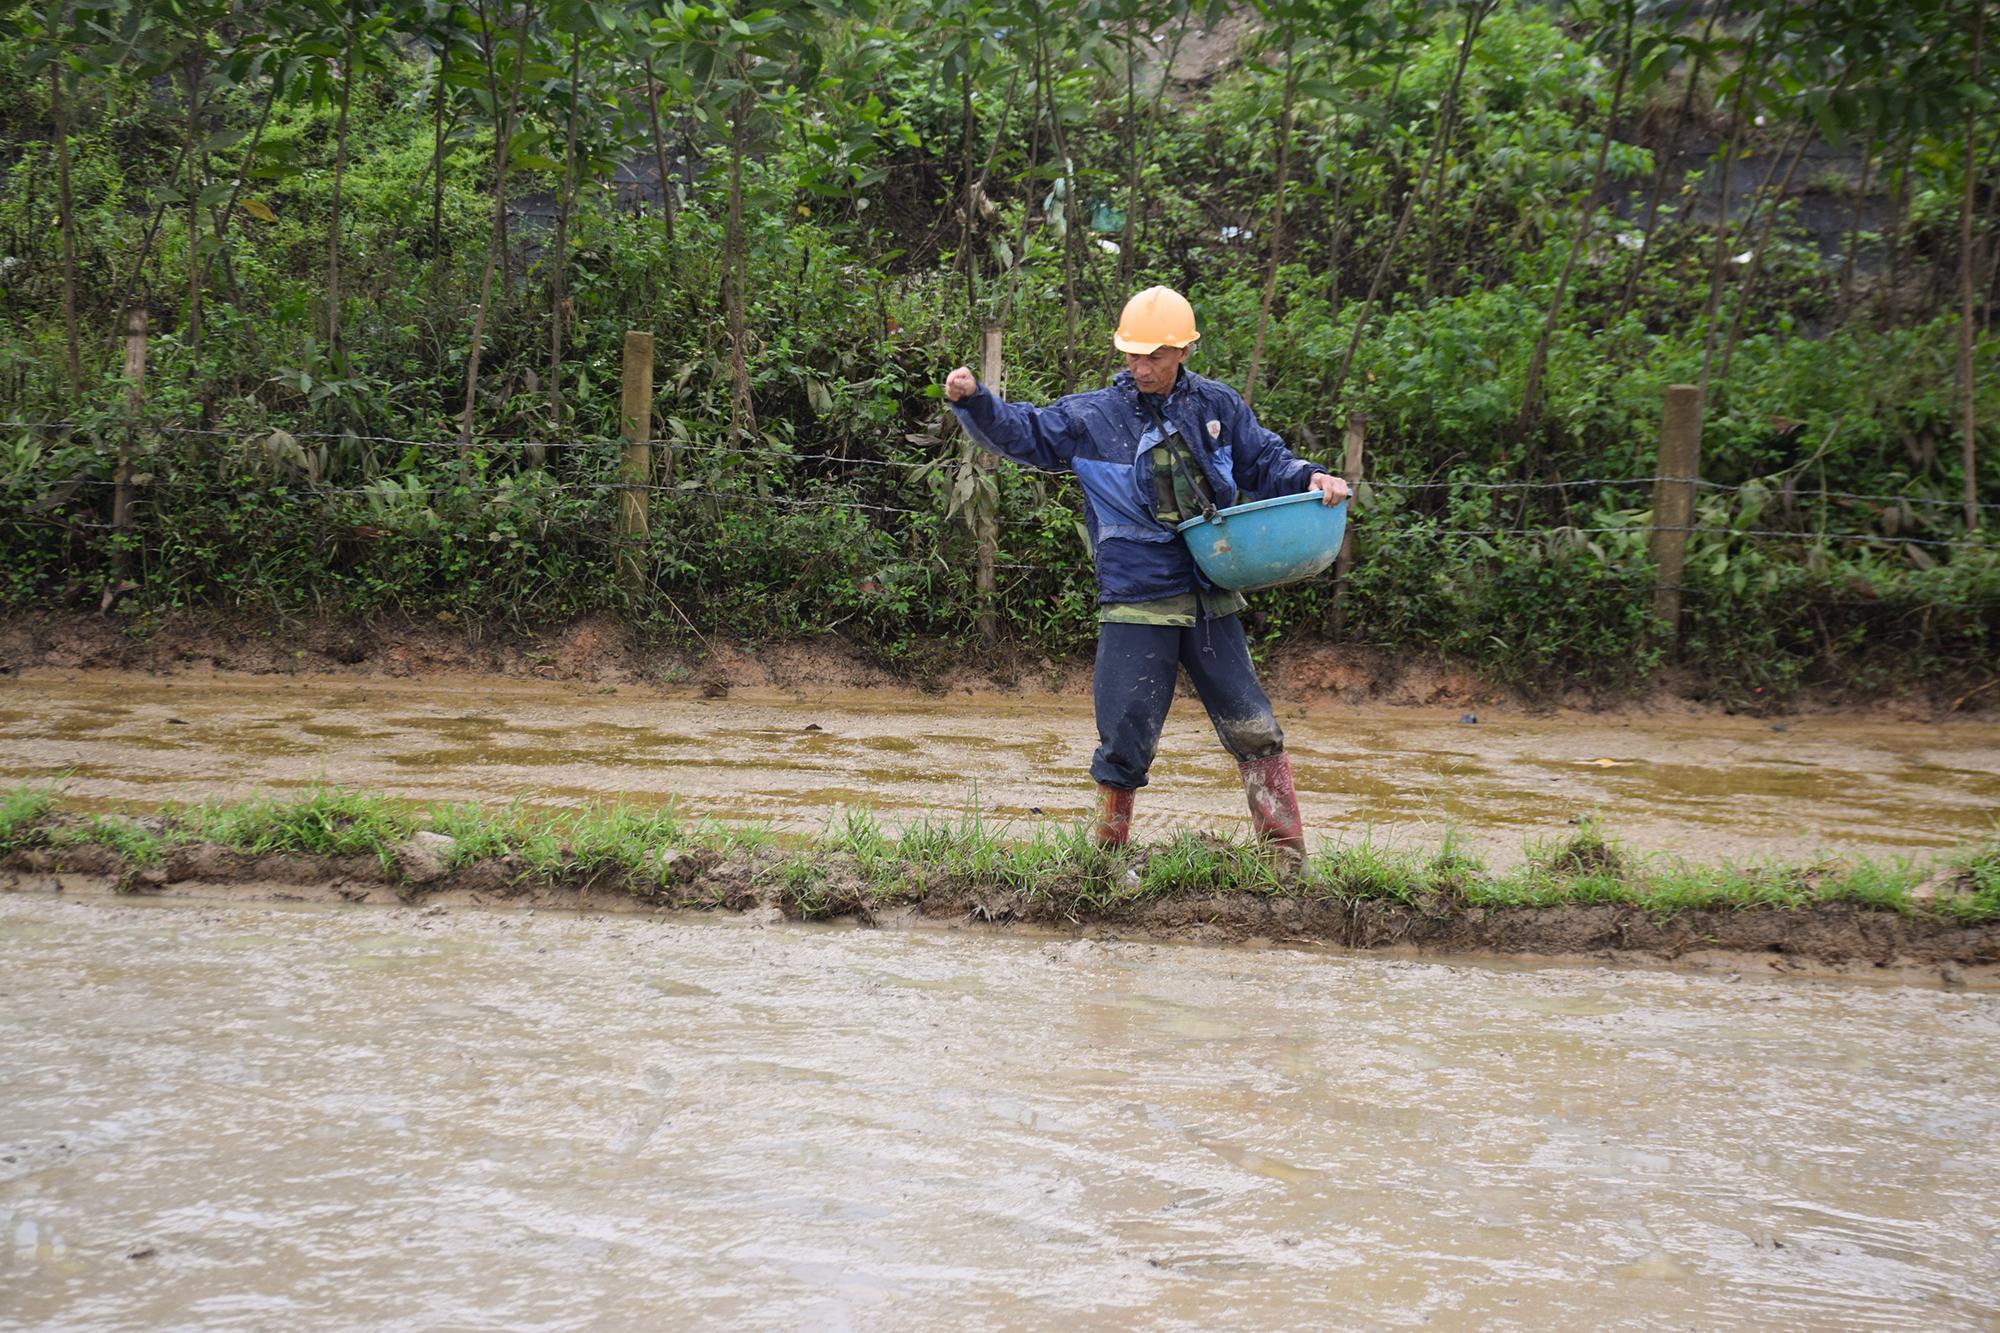 Nhiều nông dân xuống giống nhưng do gặp thời tiết mưa kéo dài. Ảnh: THANH THẮNG